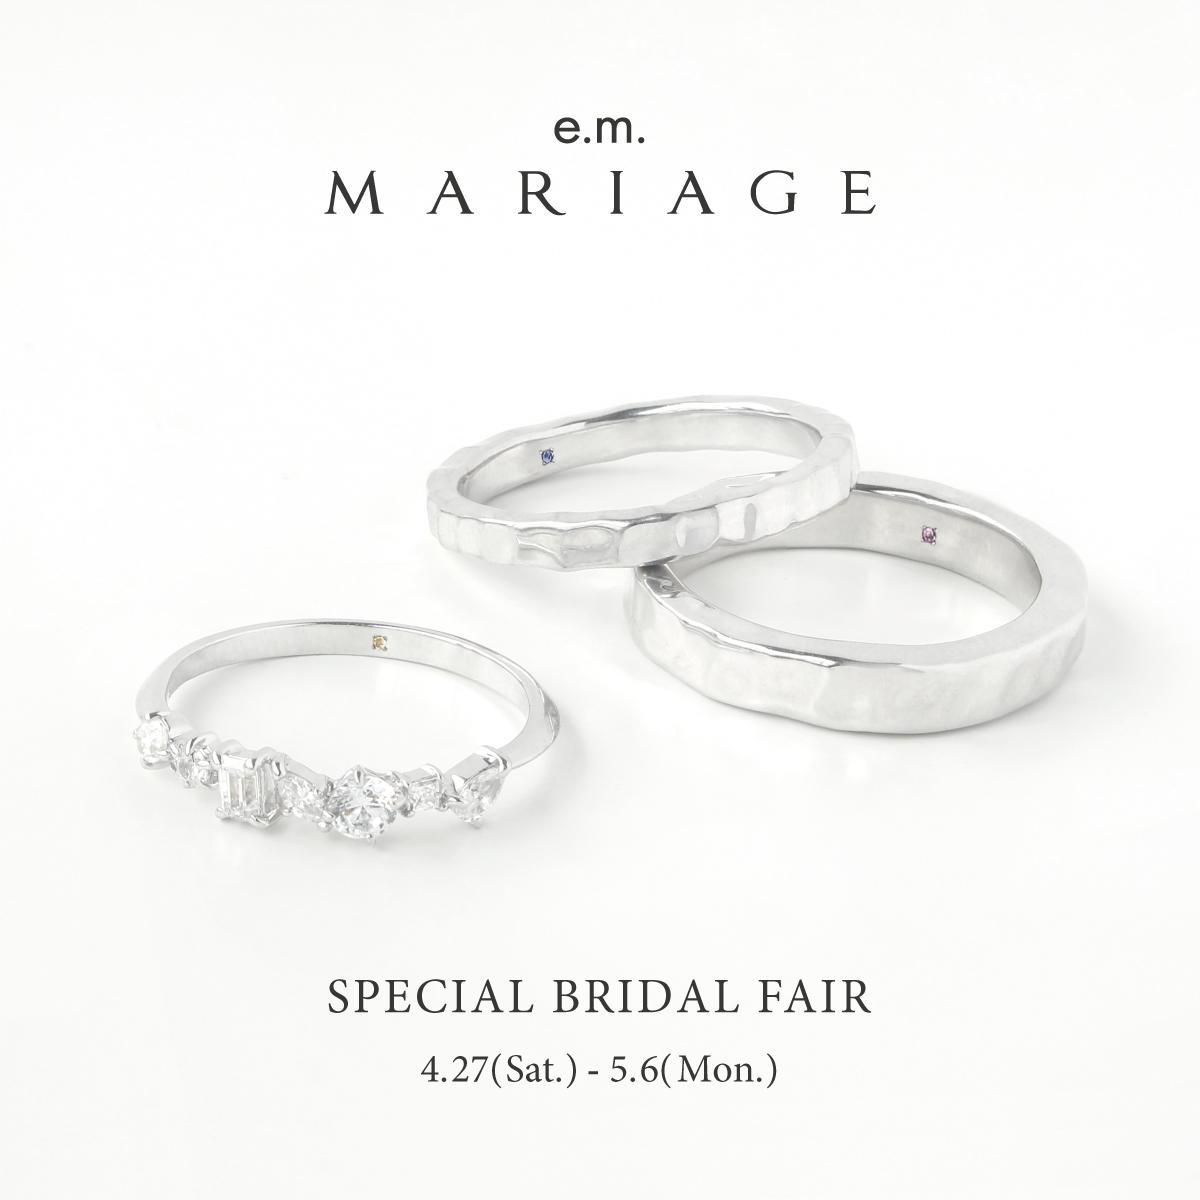 e.m.MARIAGE_SPECIAL BRIDAL FAIR